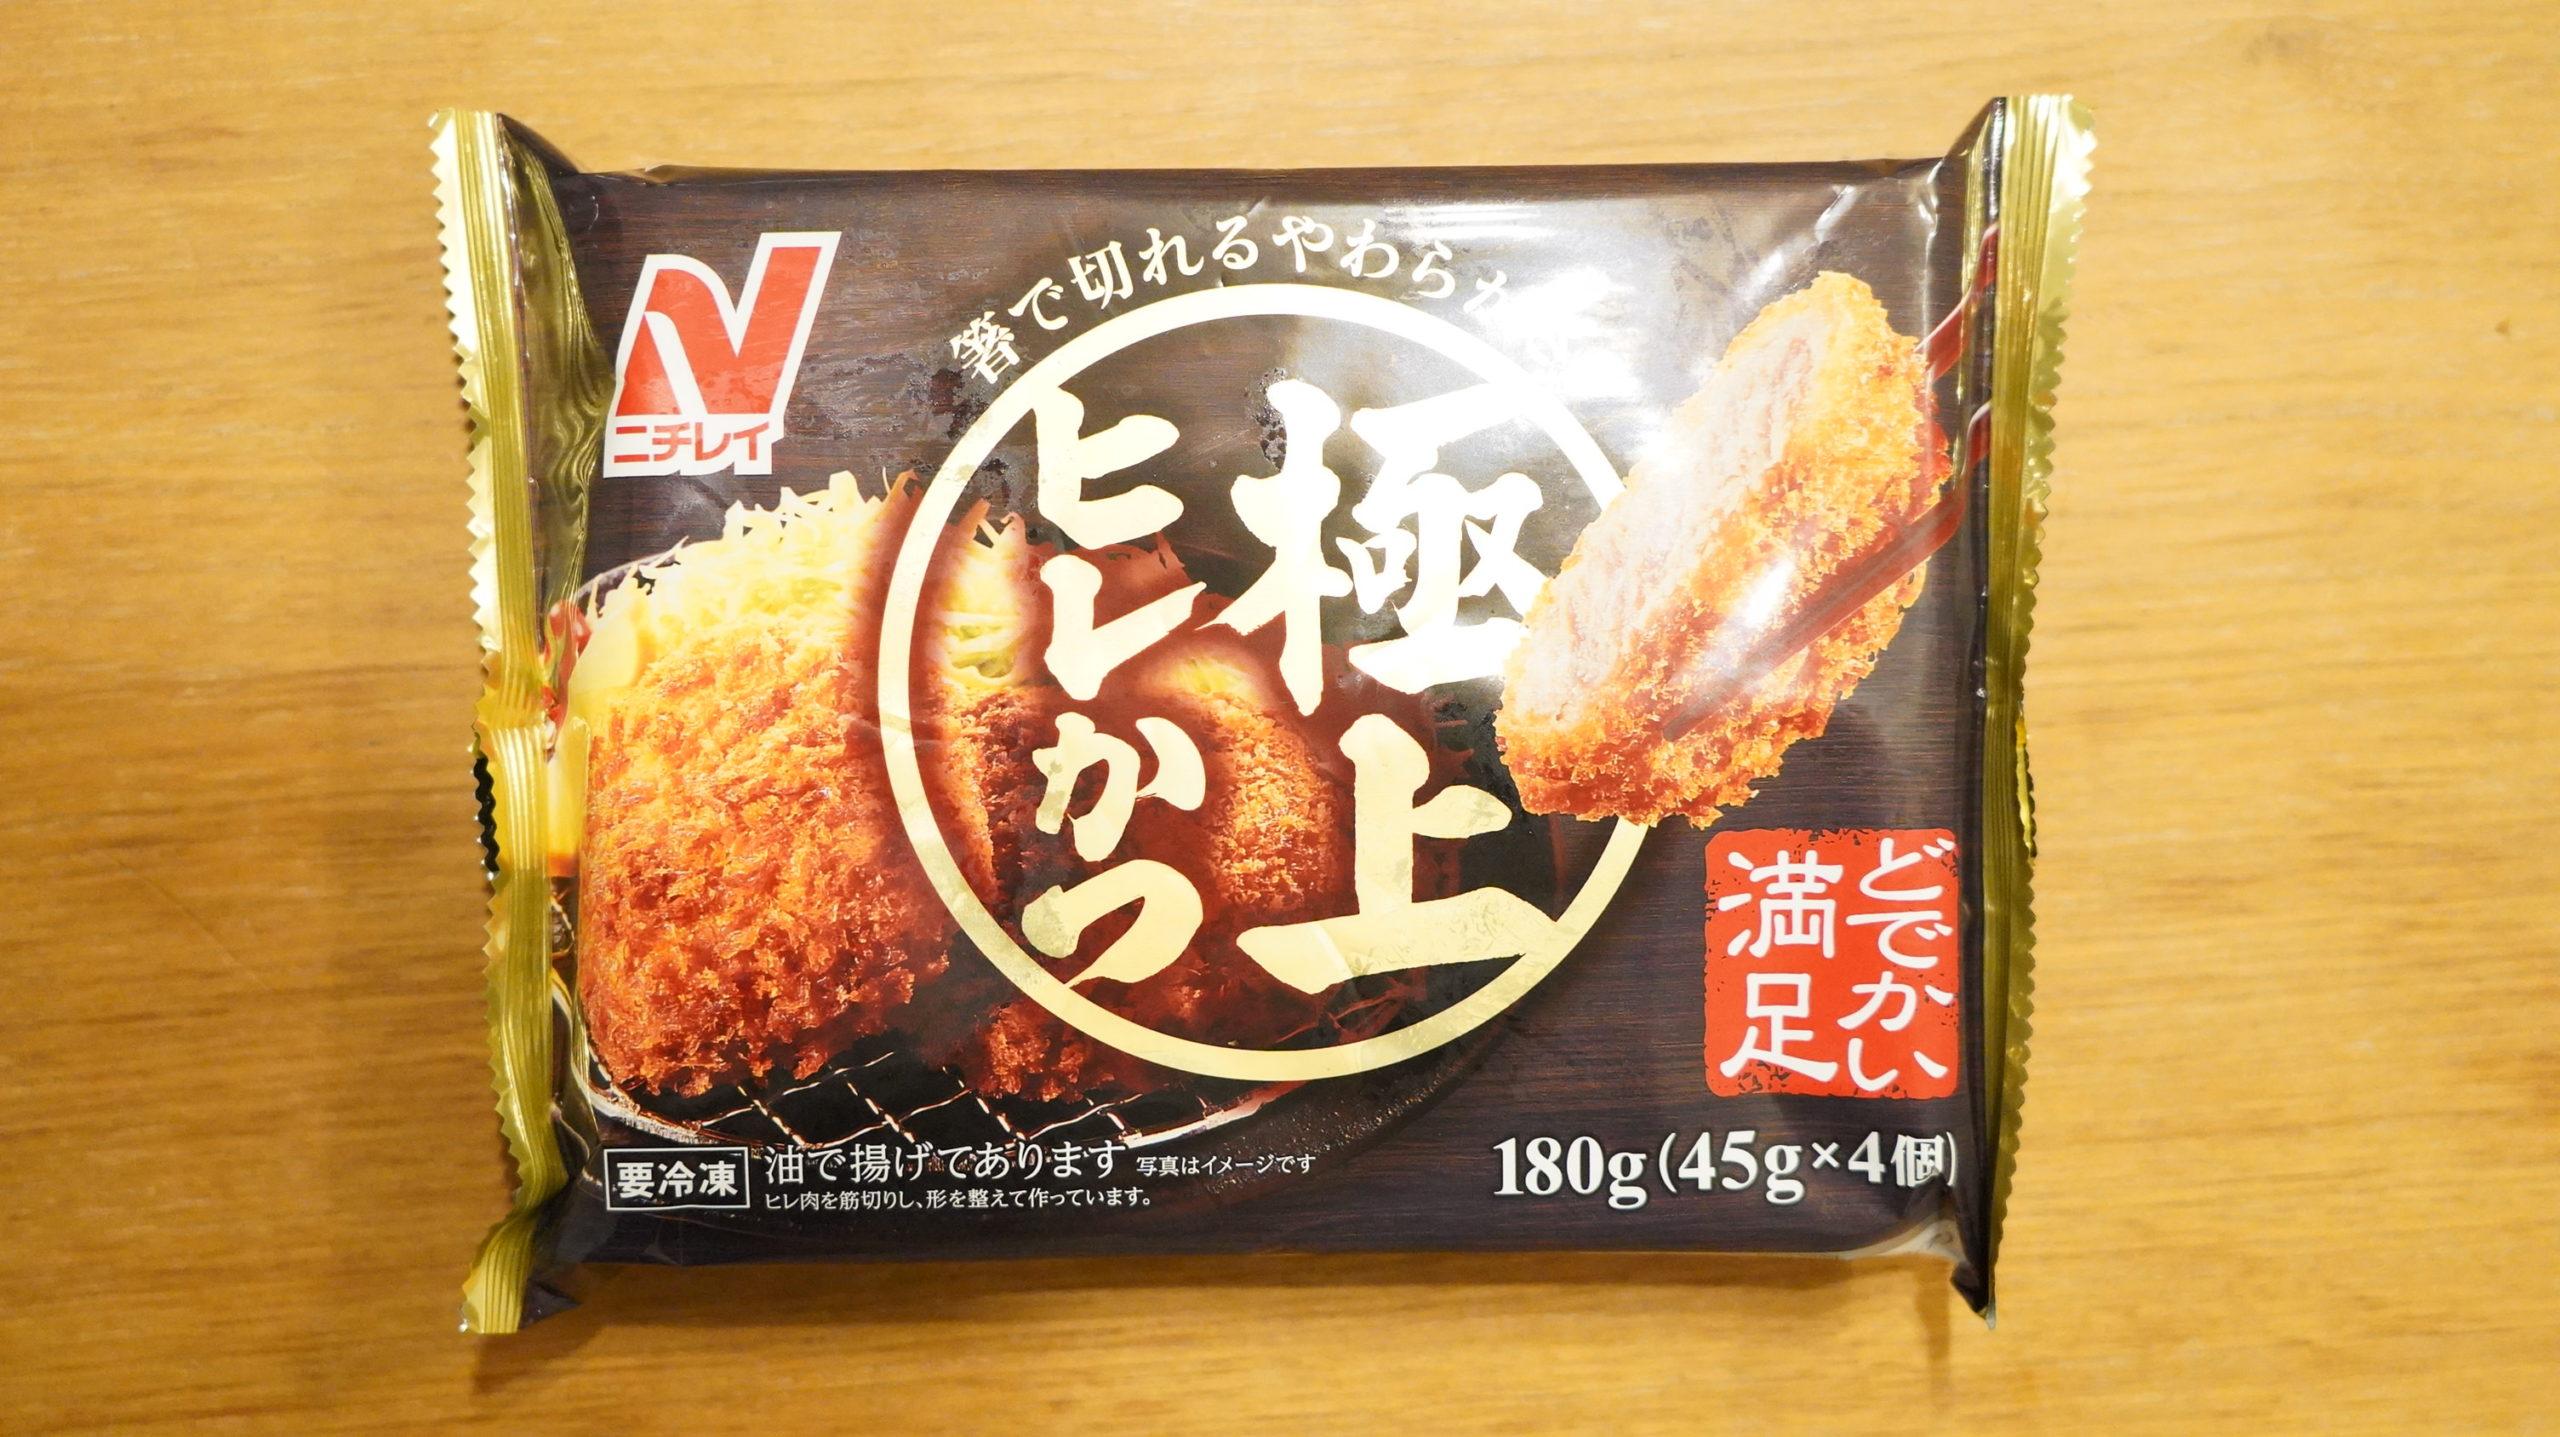 ニチレイの冷凍食品「極上ヒレかつ」のパッケージ写真